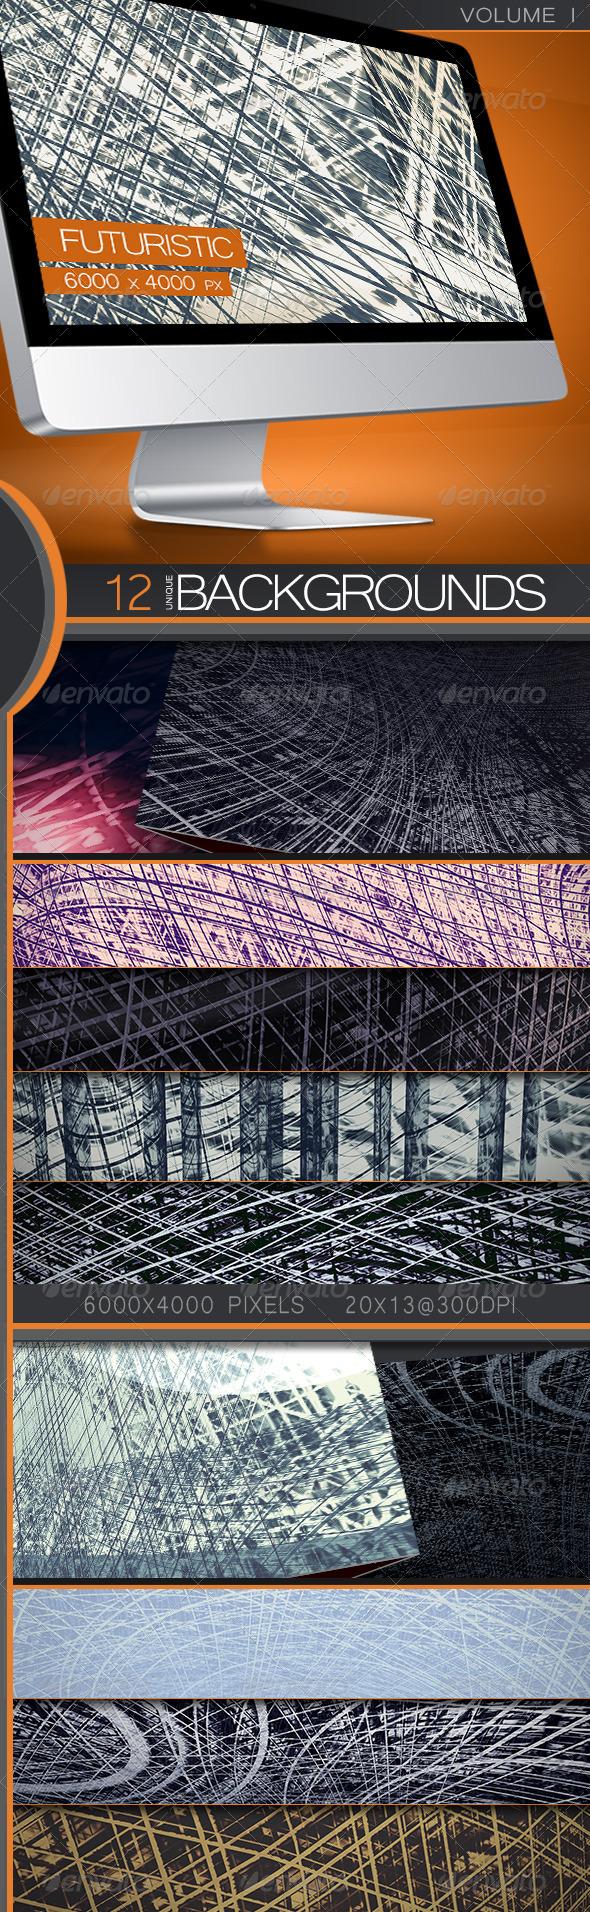 GraphicRiver Futuristic Backgrounds Volume 1 5377750